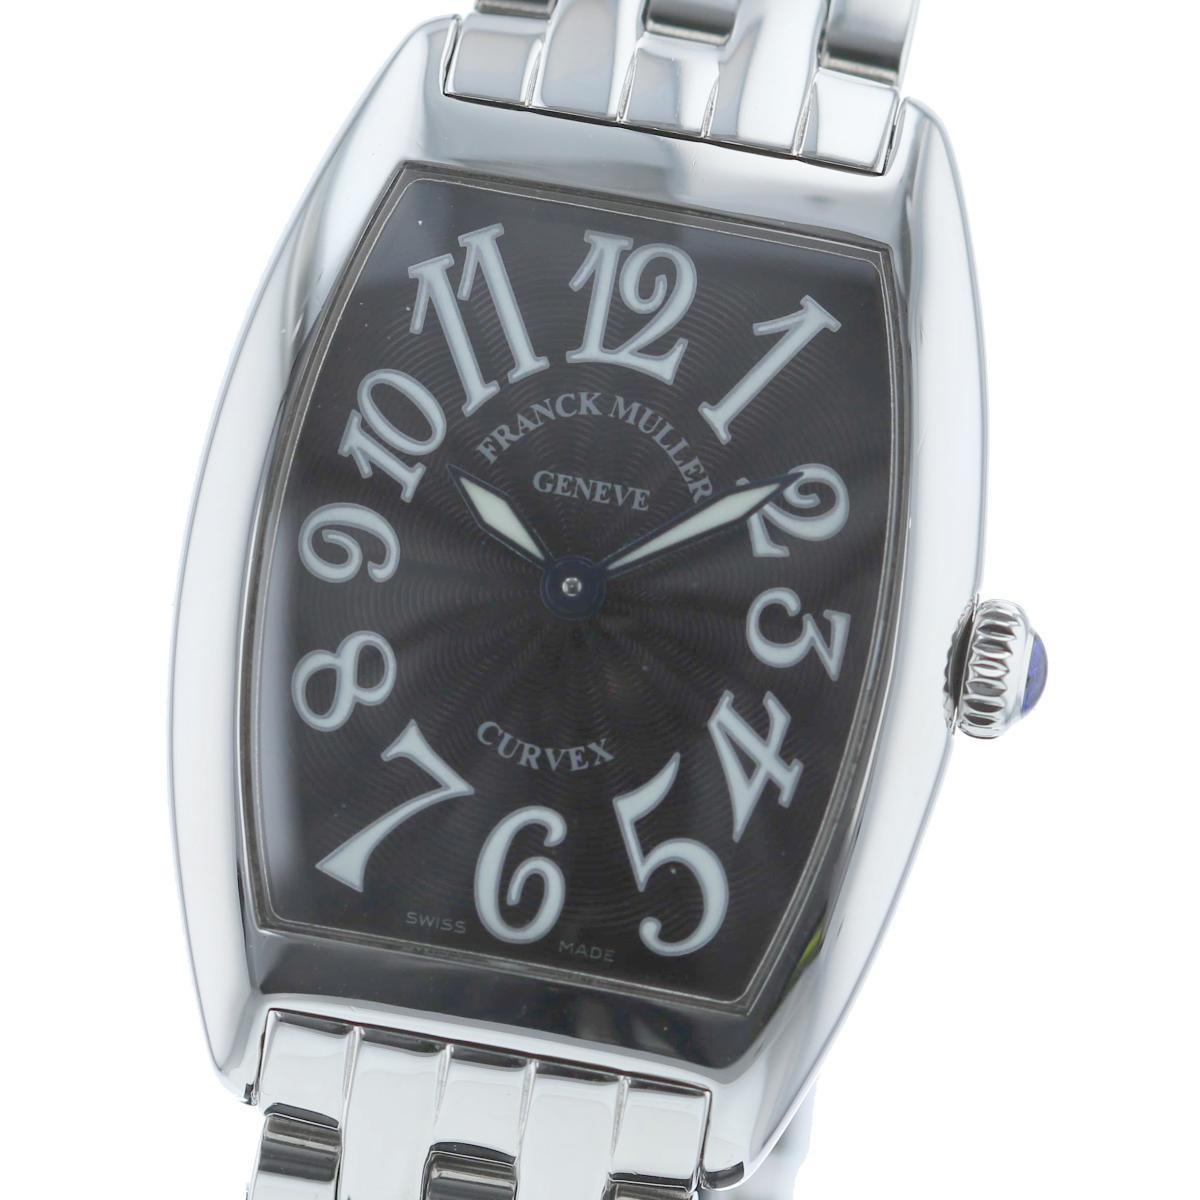 【中古】 FRANCK MULLER (フランクミュラー) トノーカーベックス 時計 クオーツ/レディース tonneau curvex Black 1752QZ used:A